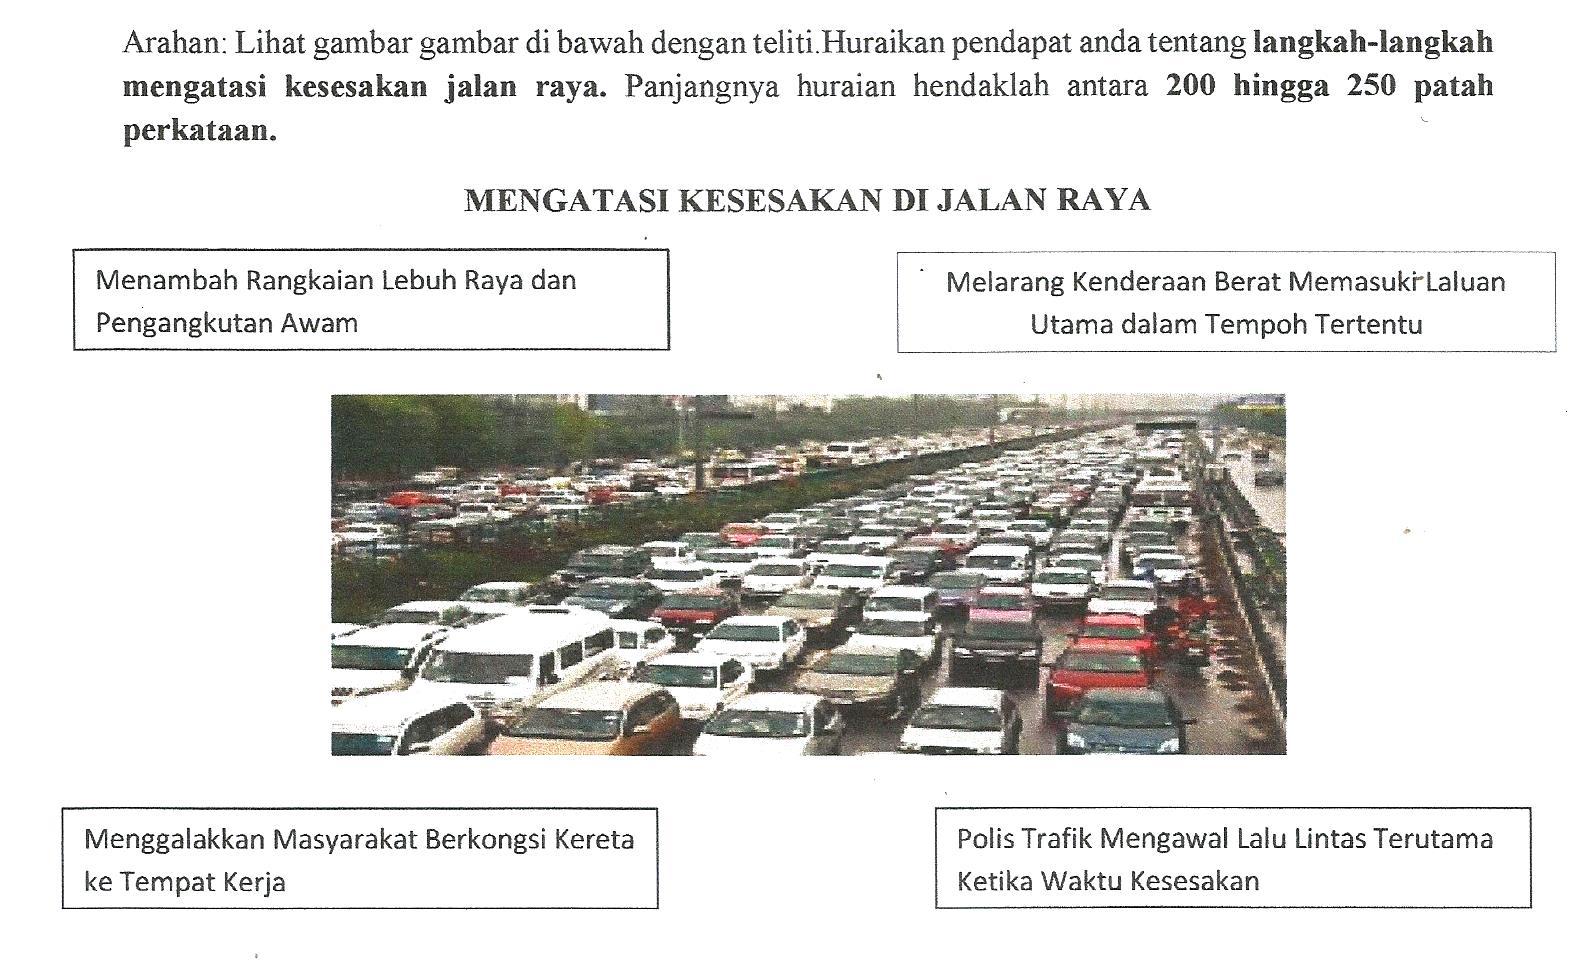 Laman Bahasa Melayu Spm Karangan Berpandu Rpogram Menyalin Karangan Cemerlang Langkah Langkah Mengatasi Kesesakan Jalan Raya